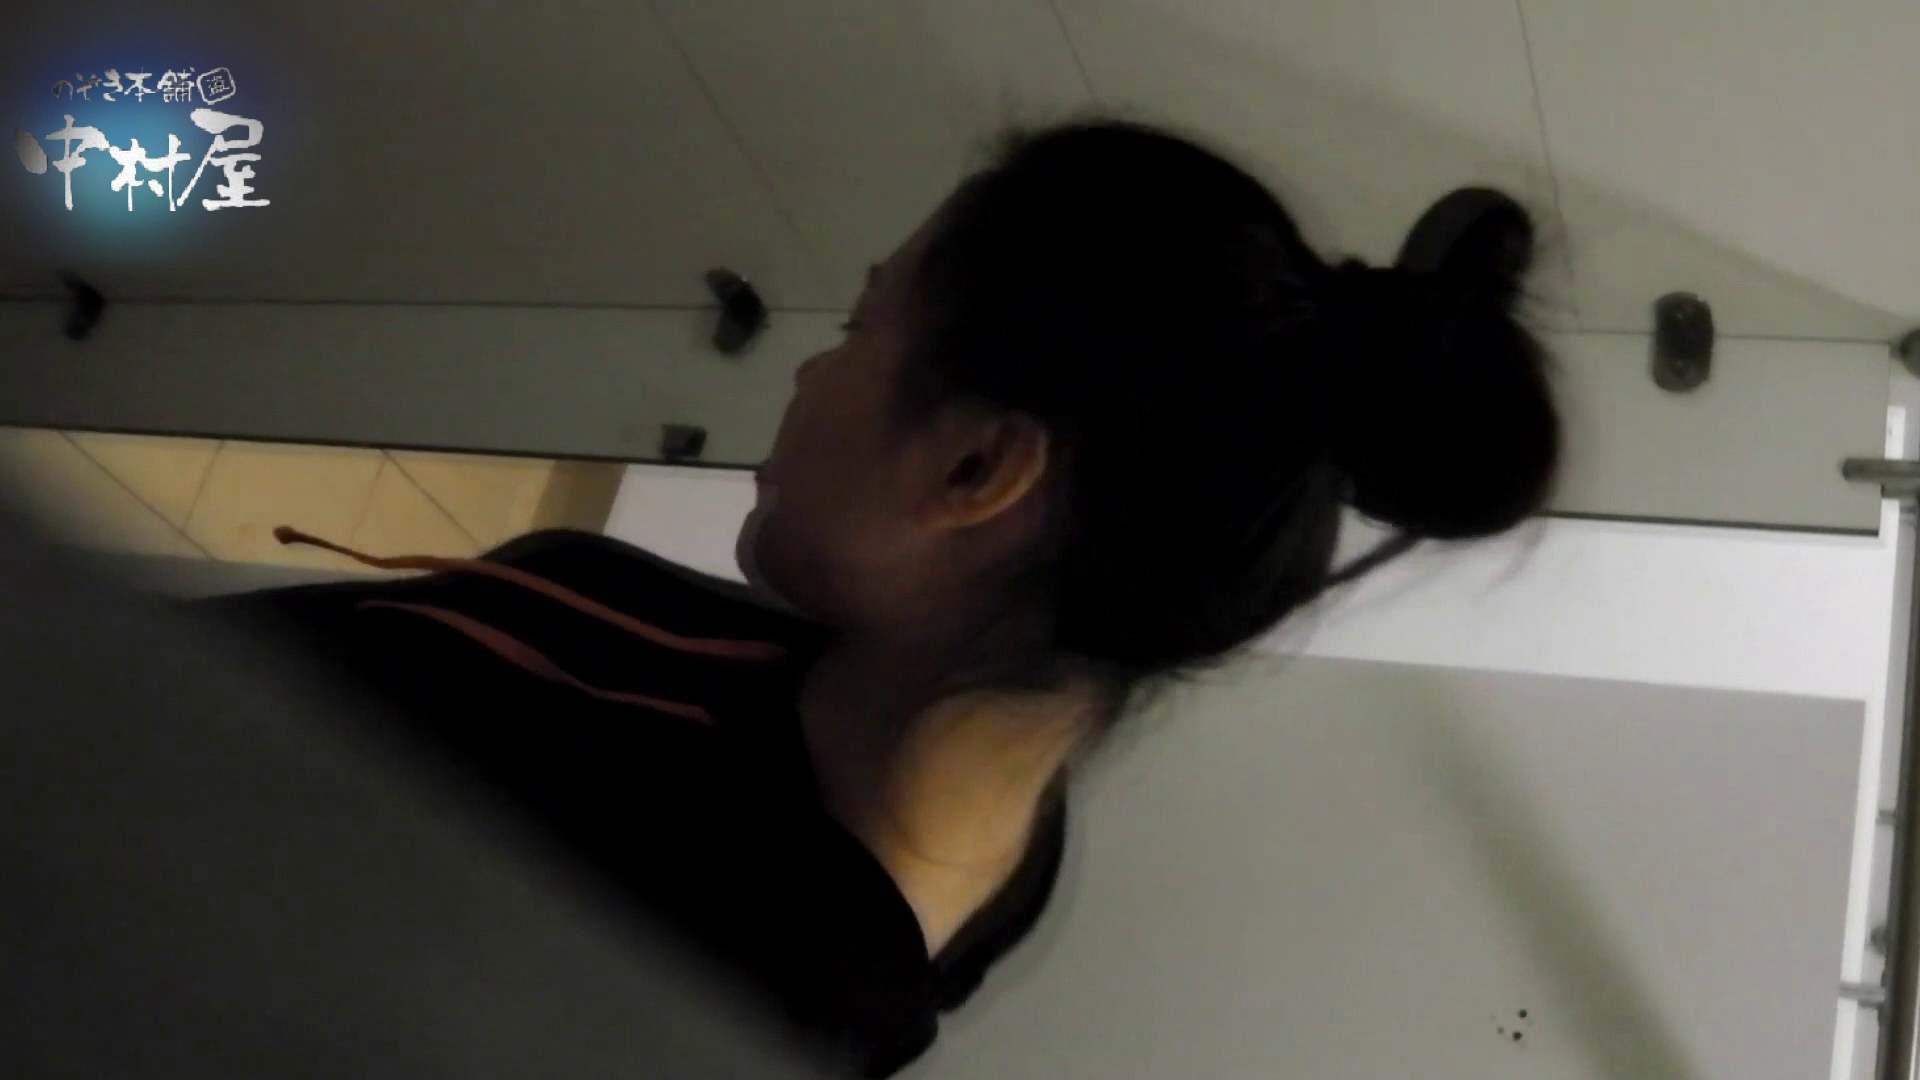 乙女集まる!ショッピングモール潜入撮vol.04 丸見え AV動画キャプチャ 76PIX 38